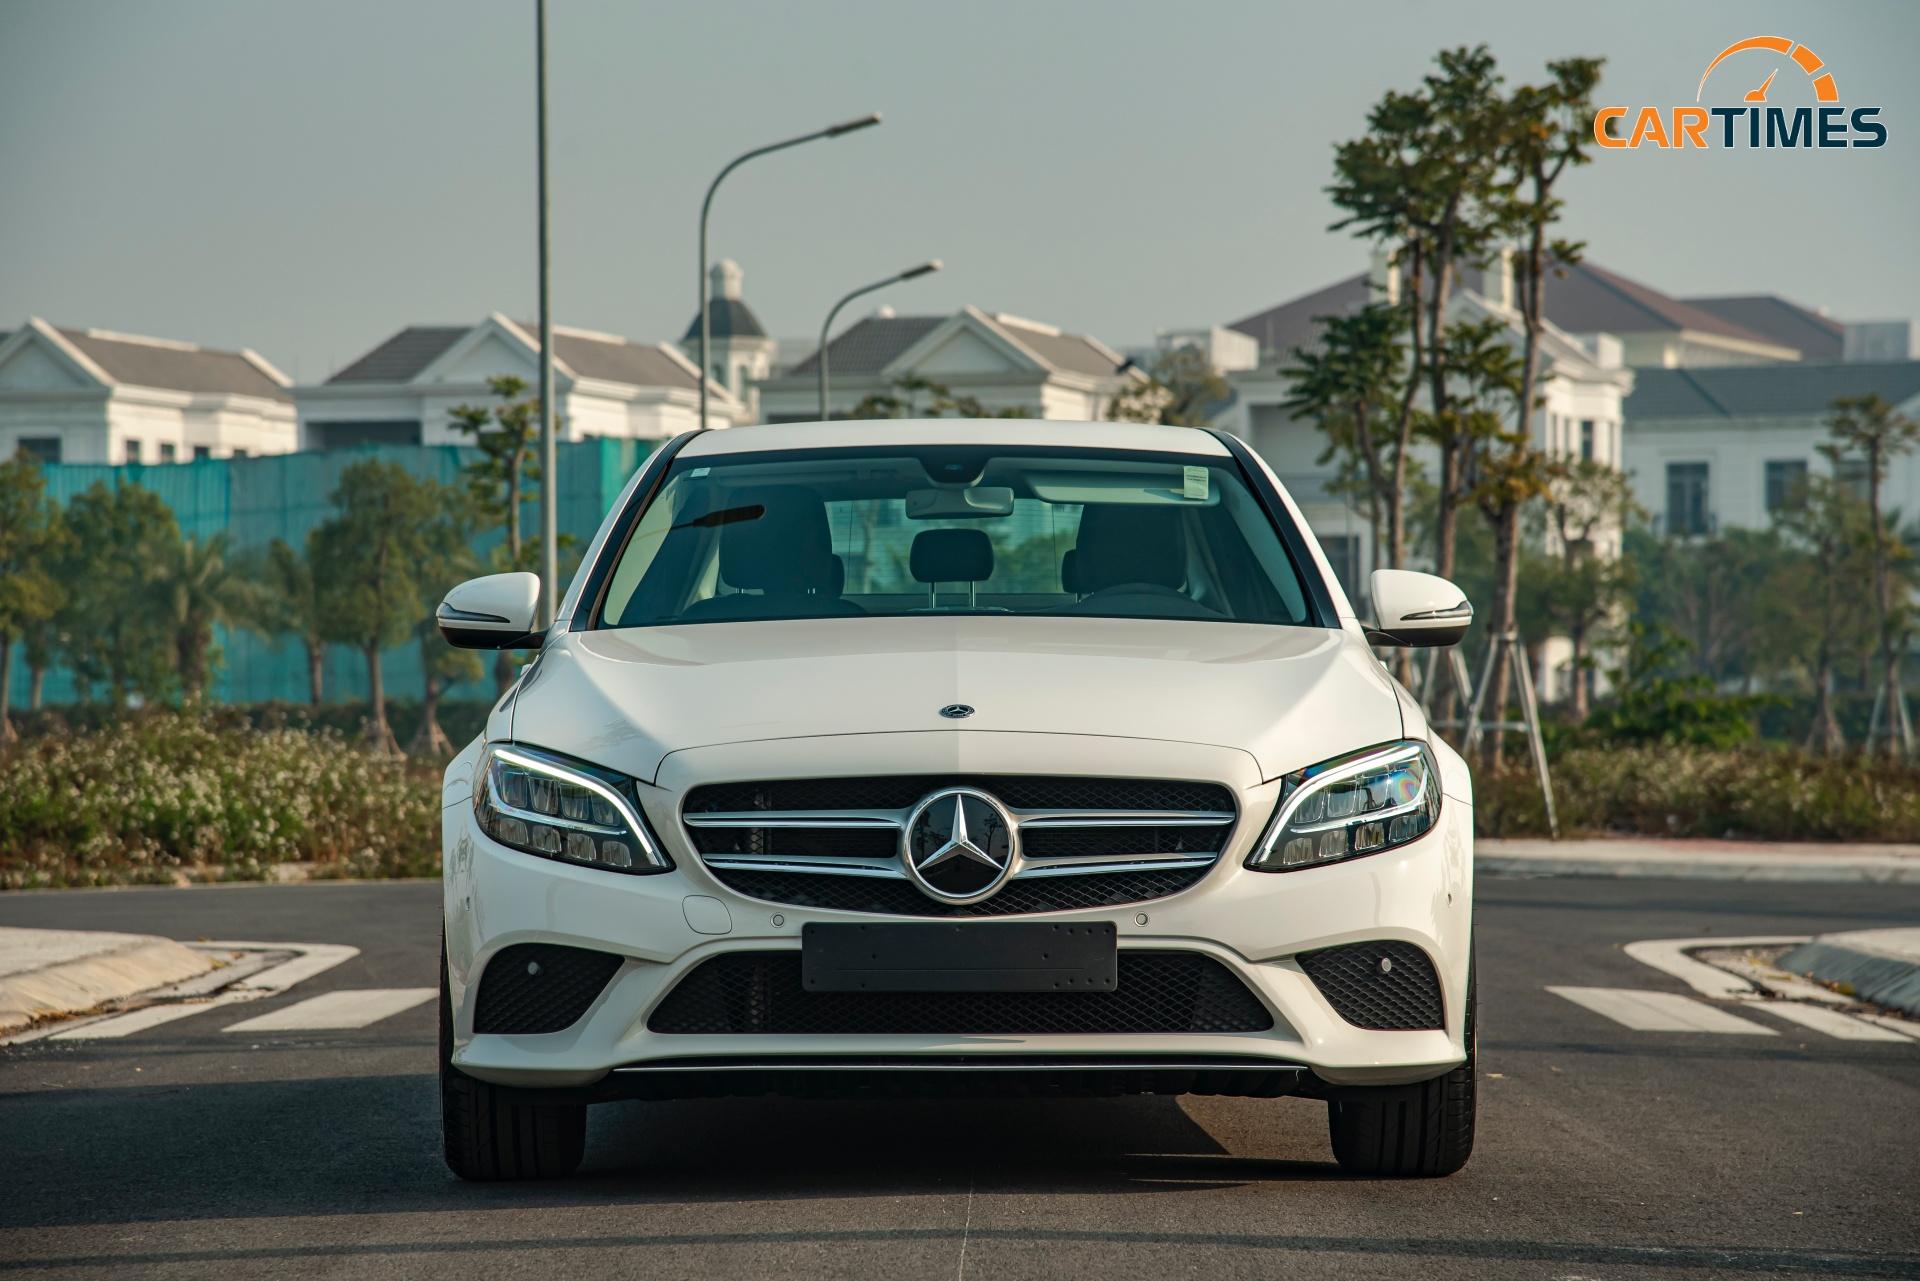 Còn mới tinh tươm, ODO chưa qua 50 km, Mercedes-Benz C 180 2020 đã được rao bán trên thị trường xe cũ -2